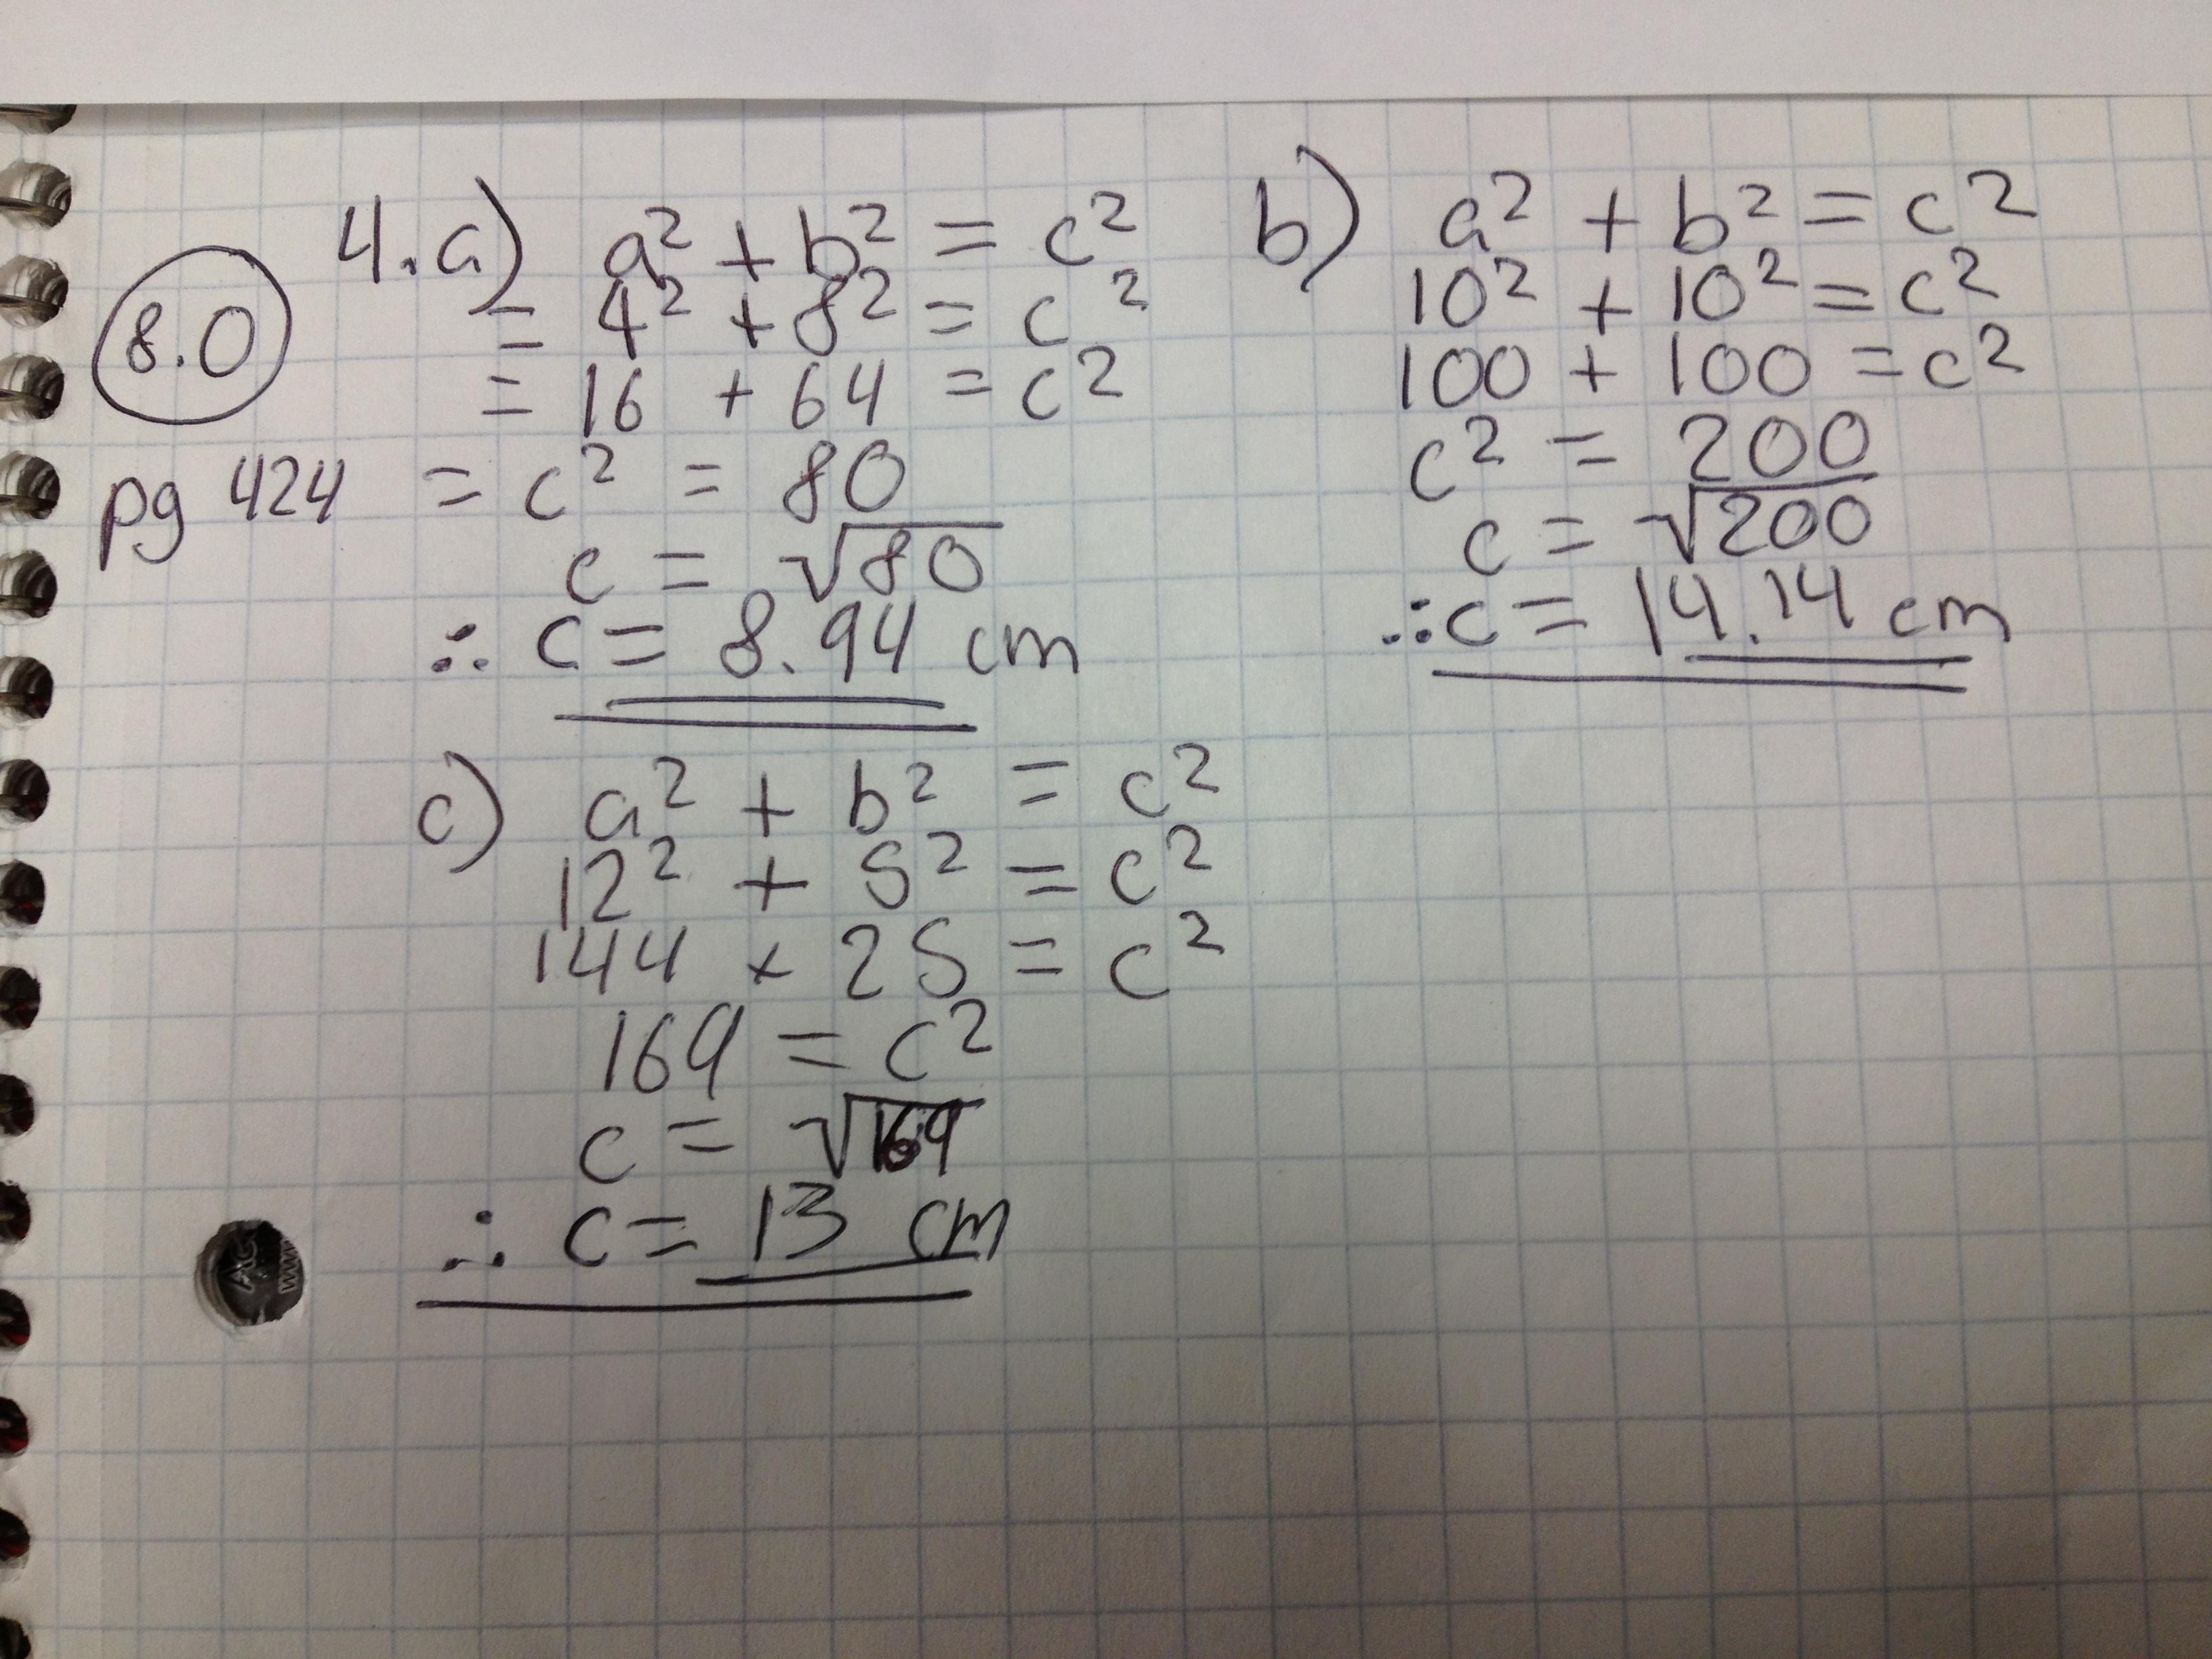 math worksheet : grade 9 math pythagorean theorem worksheets  year 9 maths  : Math Pythagorean Theorem Worksheets